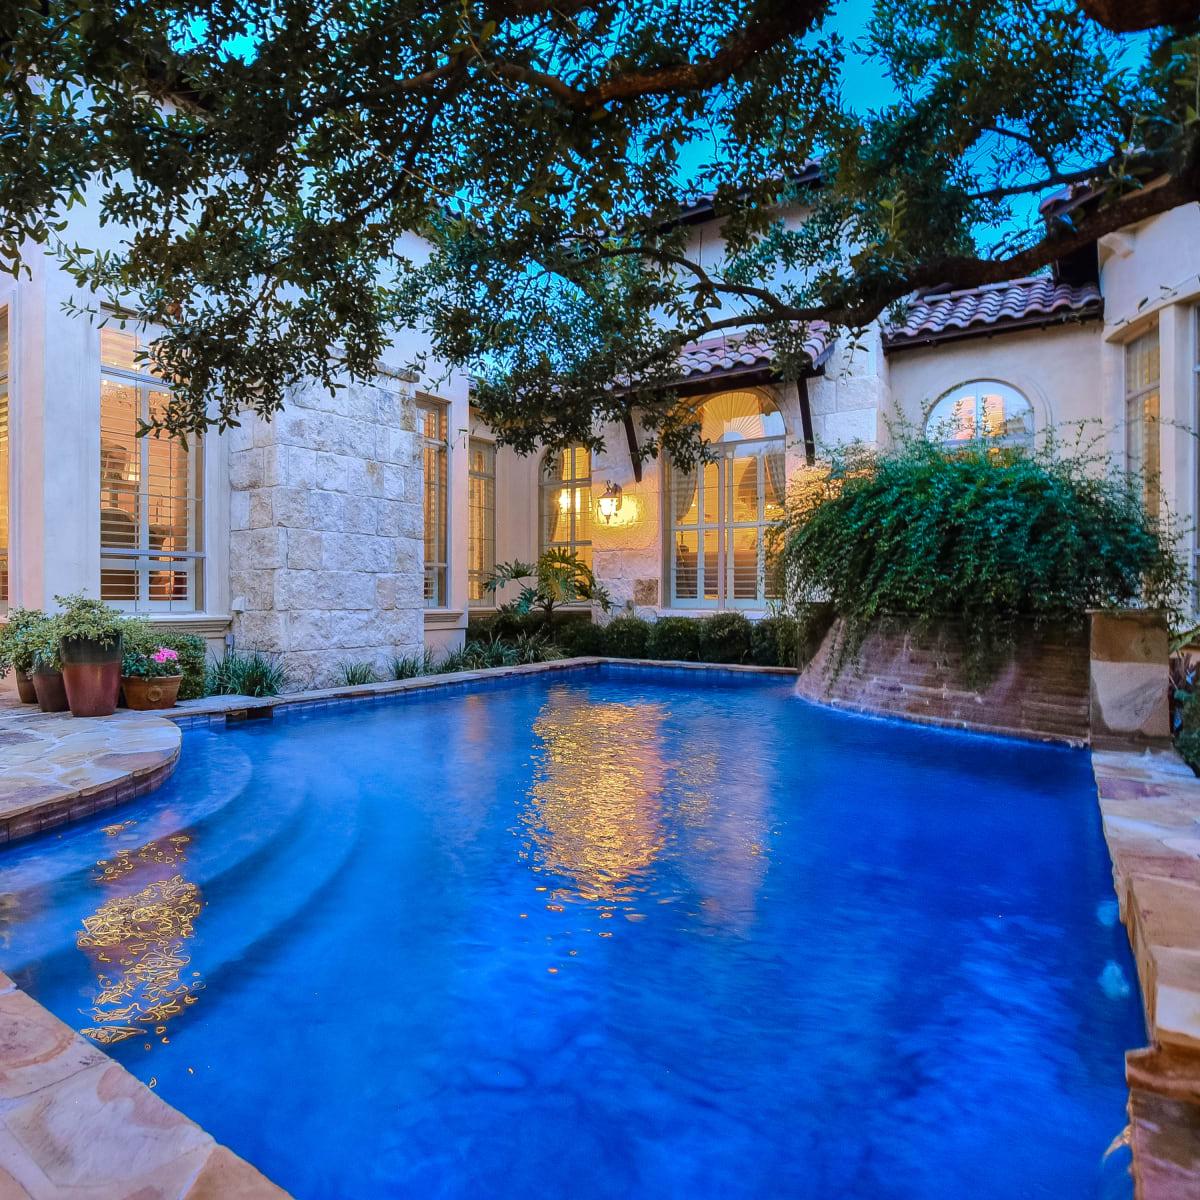 San Antonio house_2 Naples Ct